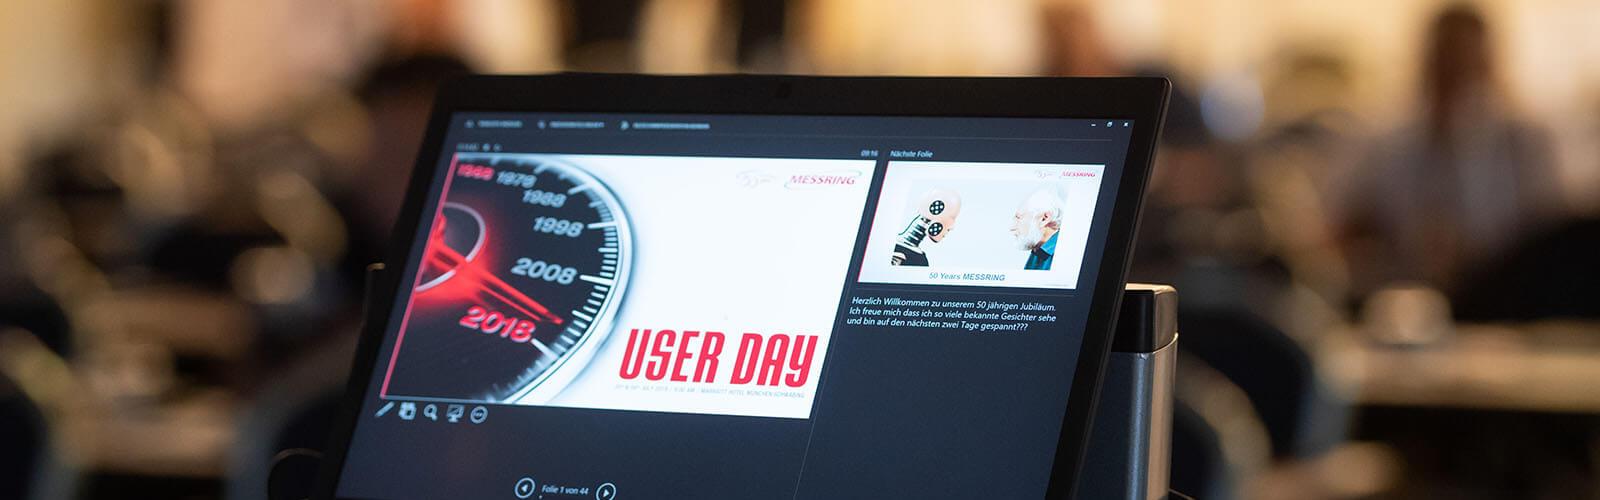 User Day